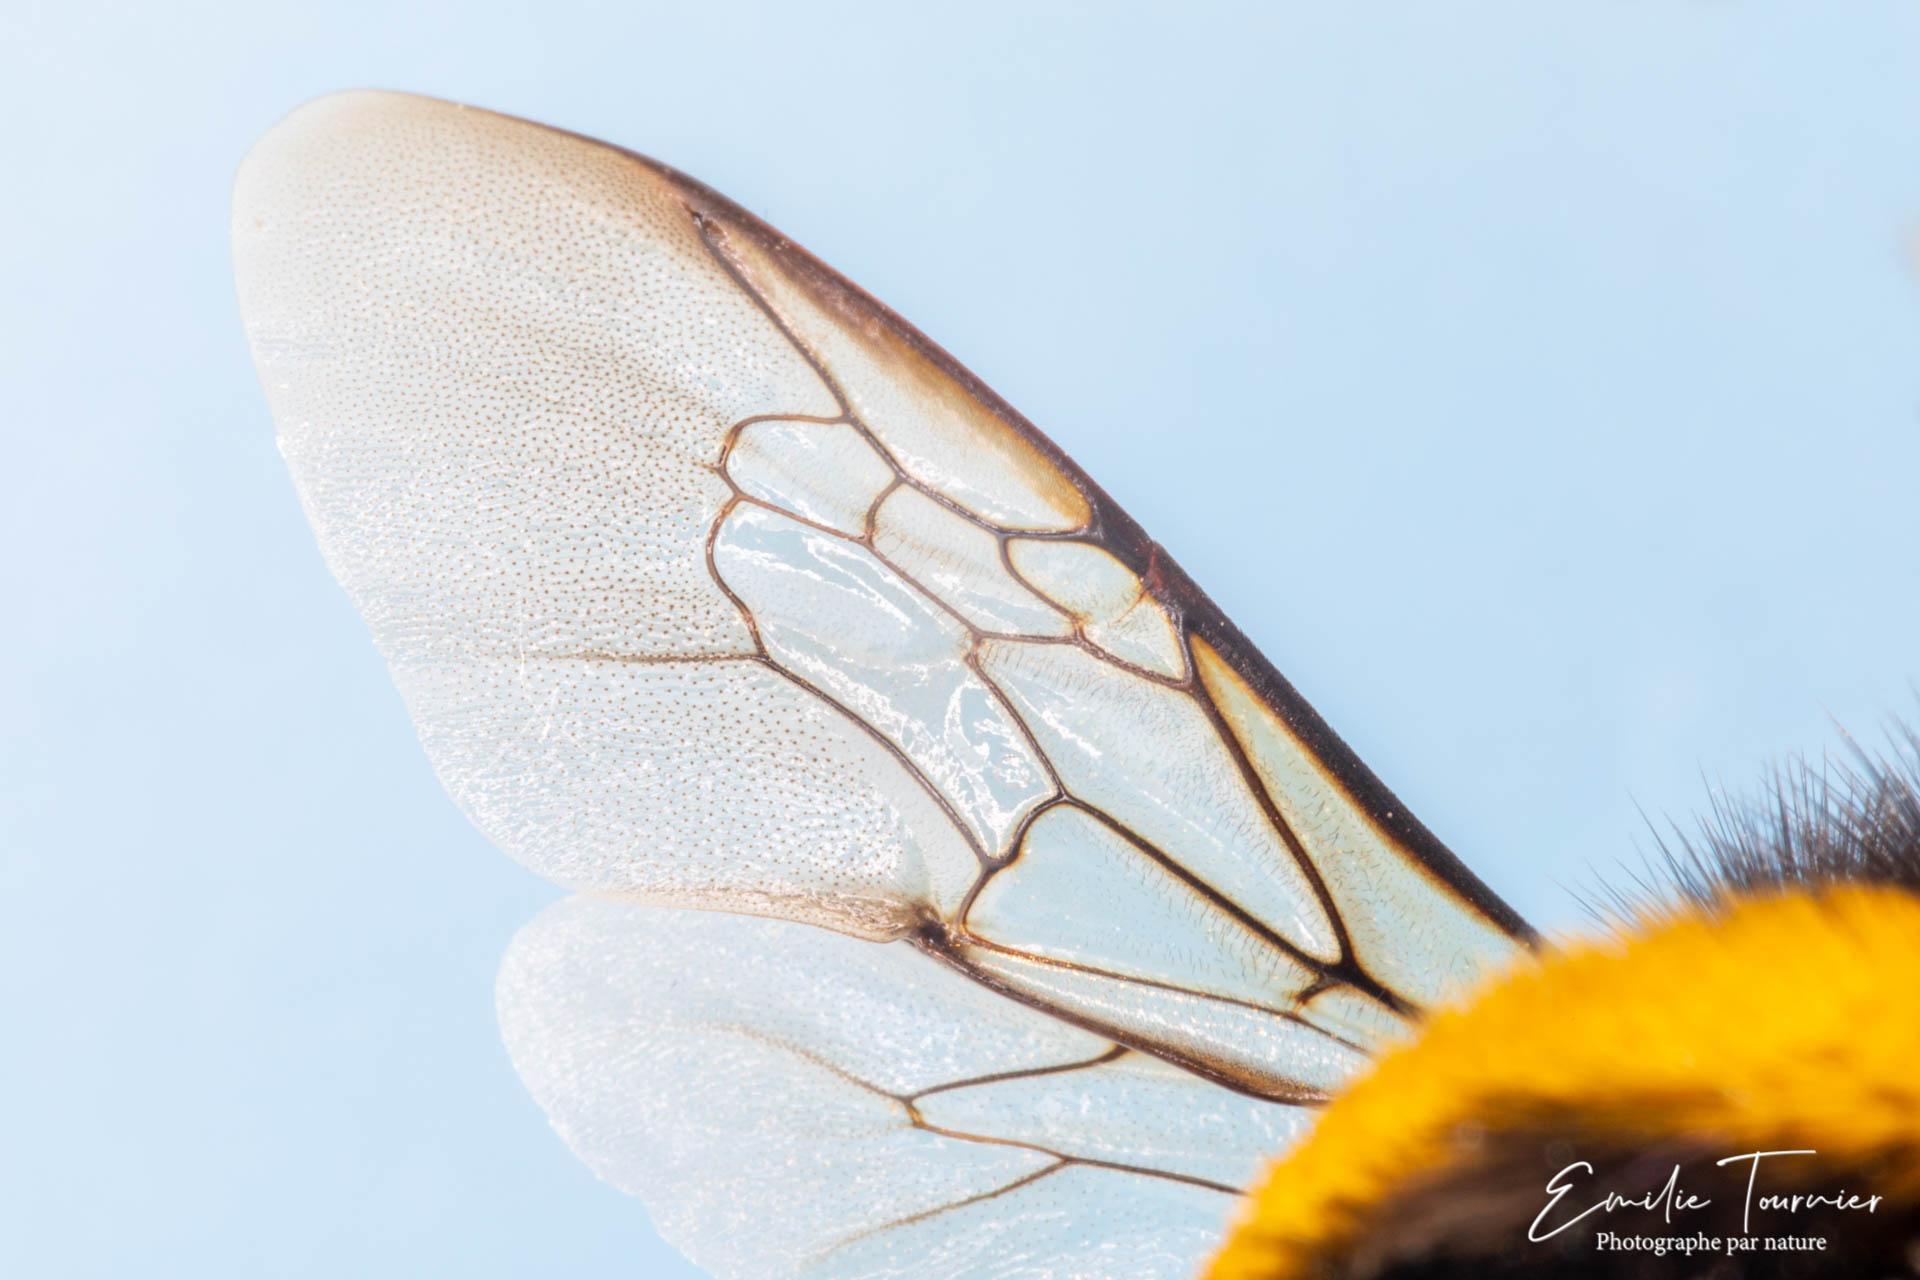 Dans l'aile d'un bourdon